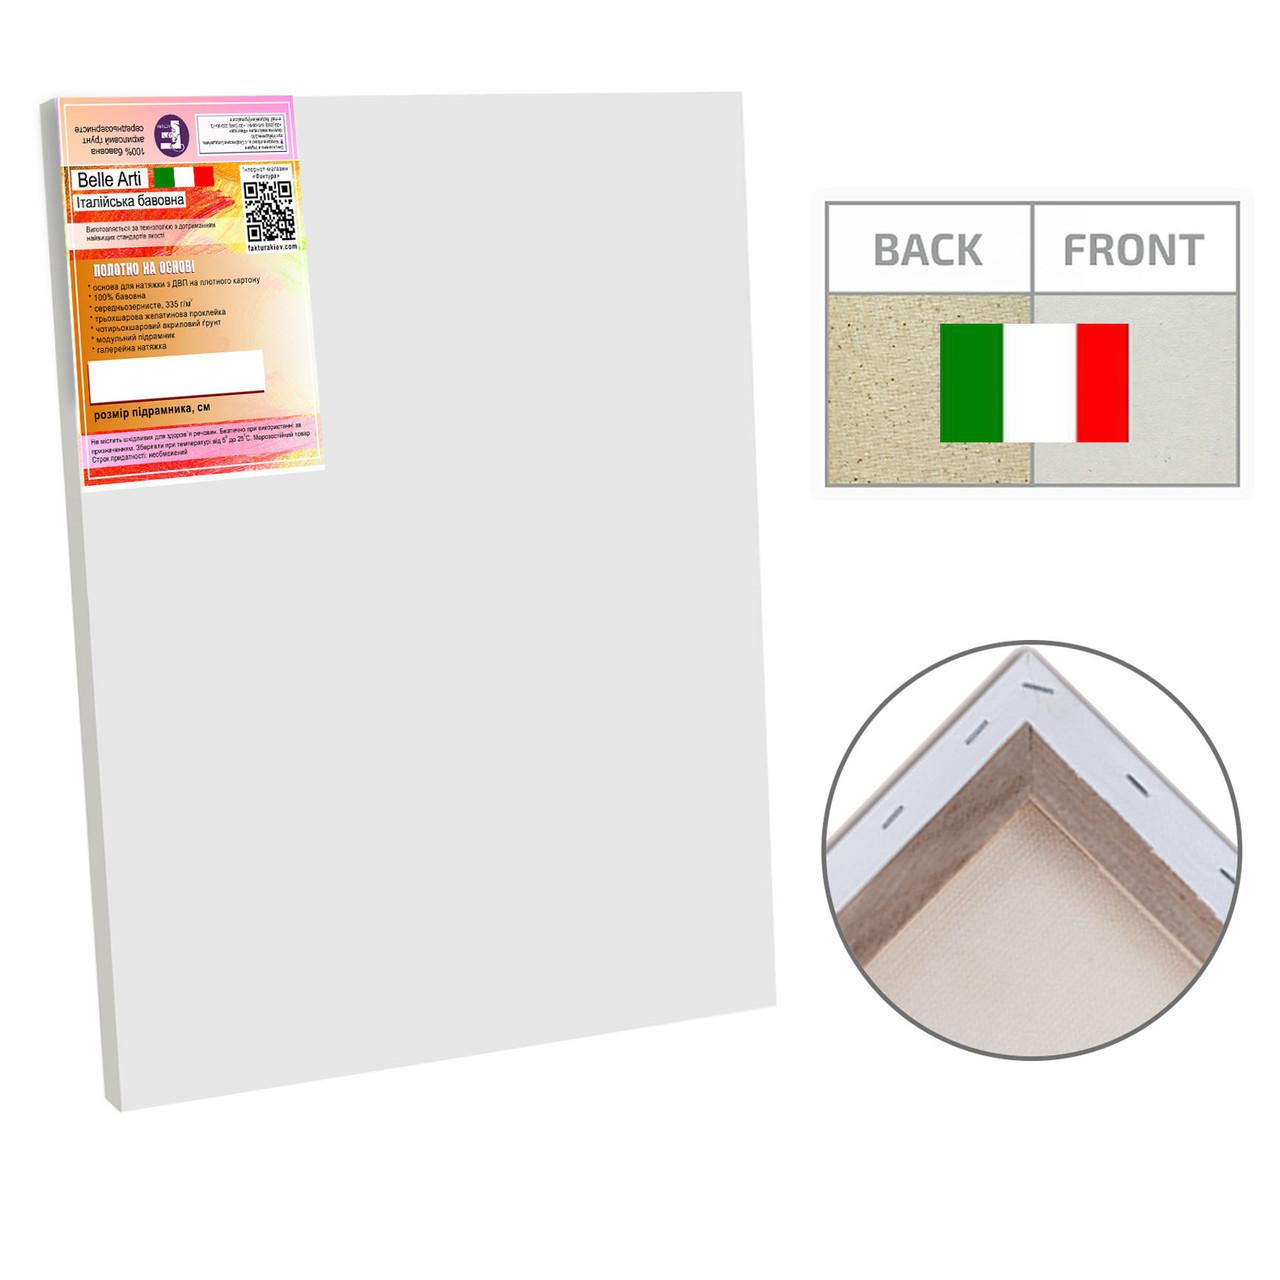 Холст на подрамнике Factura BelleArti 50х70 см Итальянский хлопок 285 грамм кв.м. среднее зерно белый, фото 1